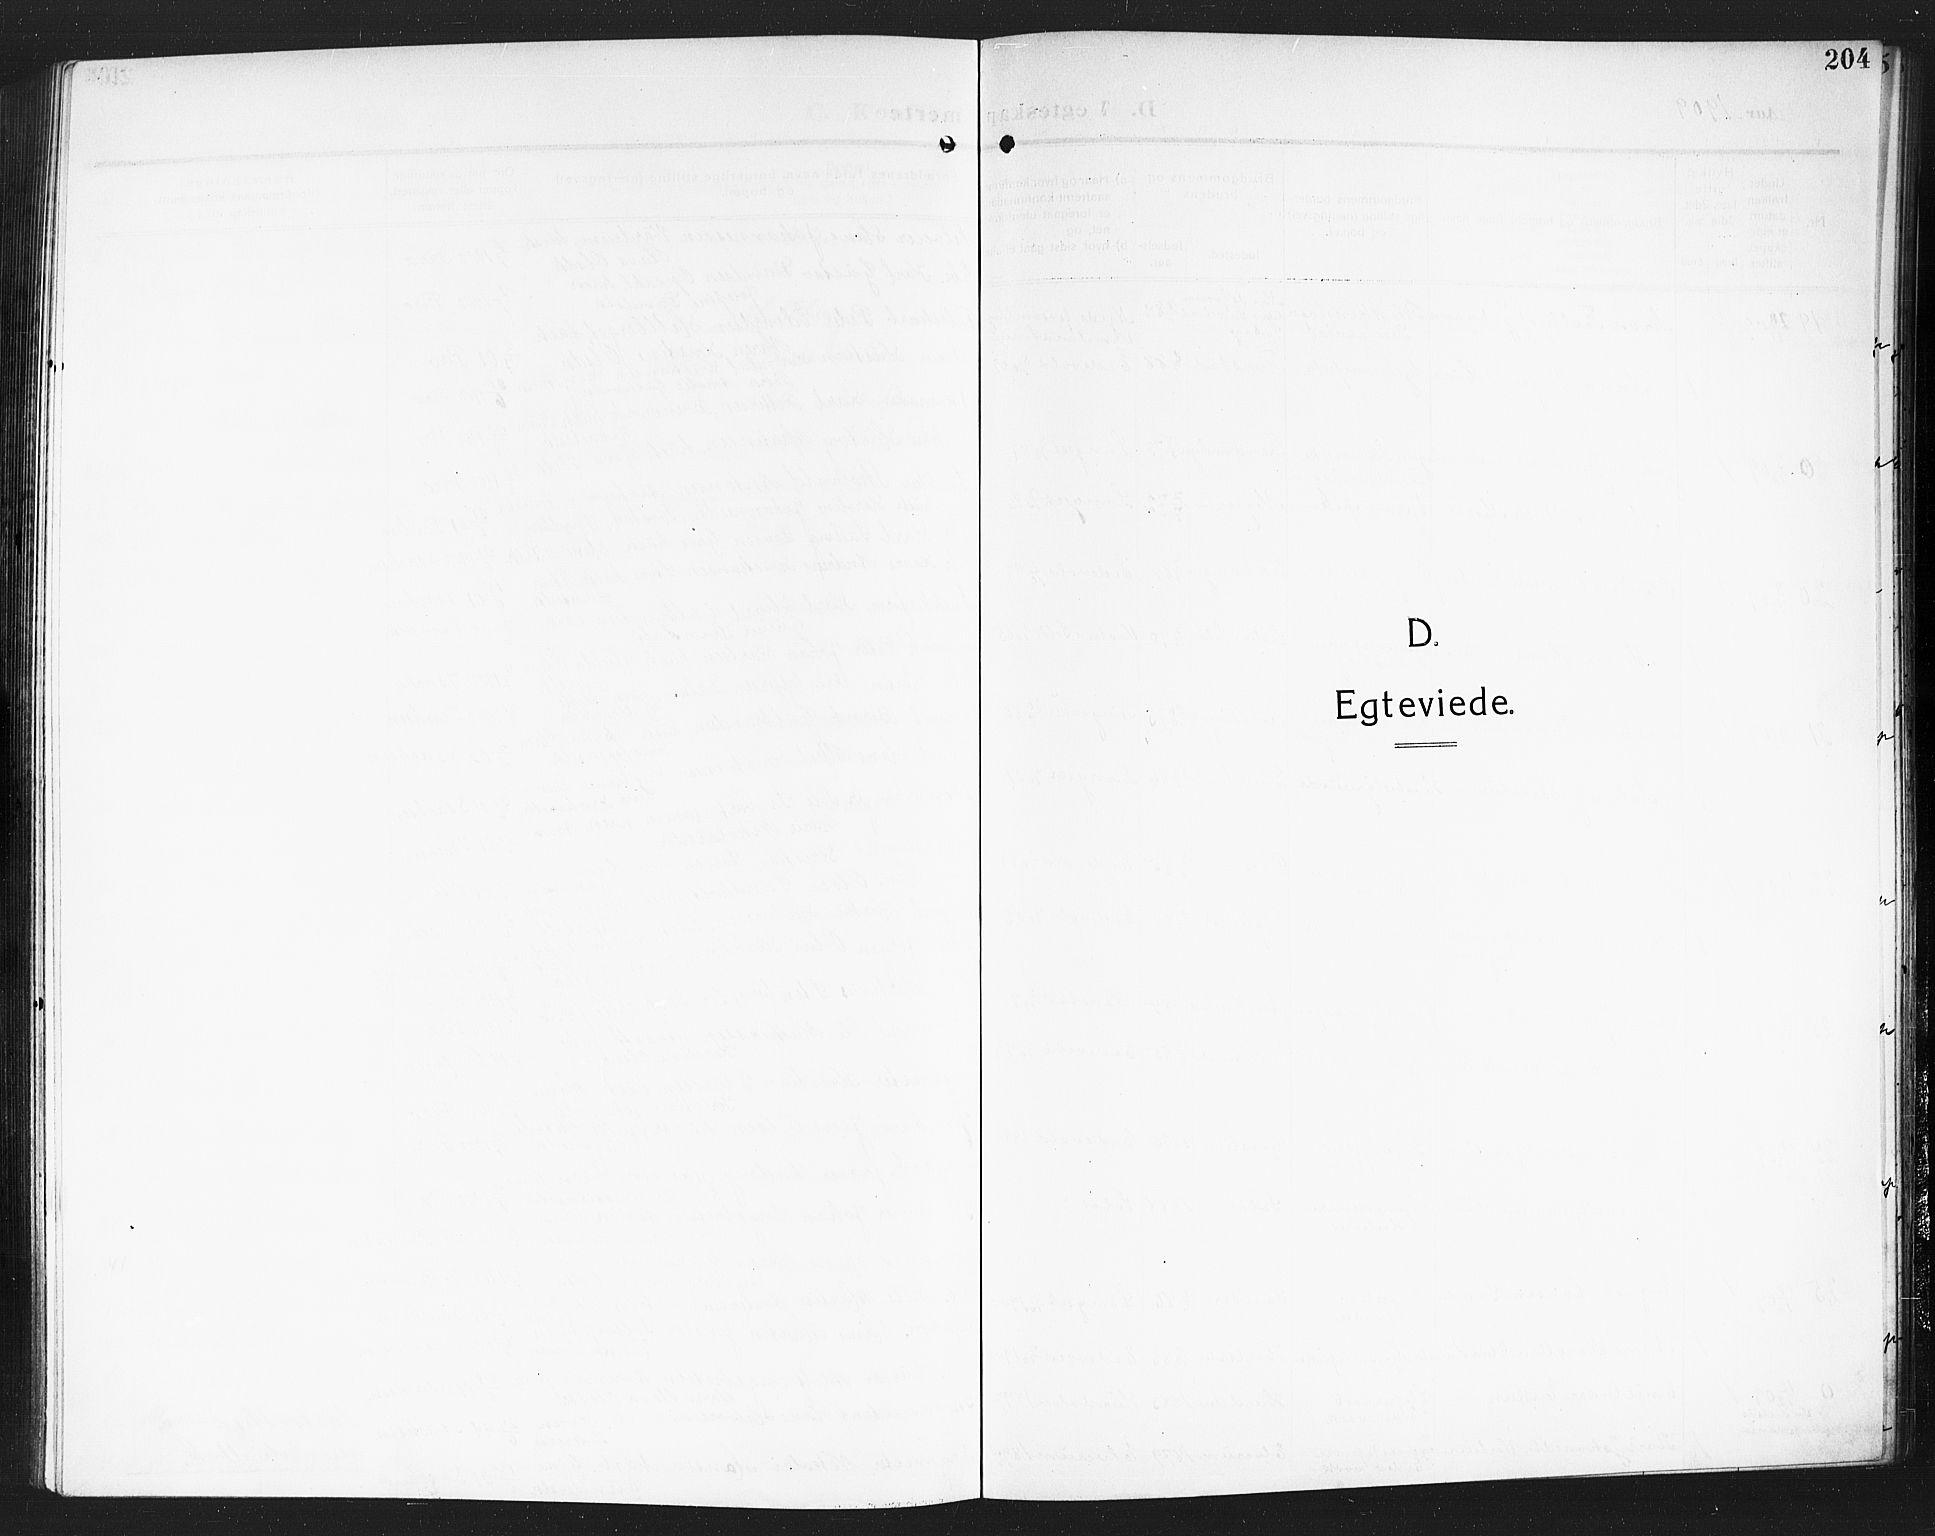 SAO, Eidsvoll prestekontor Kirkebøker, G/Ga/L0008: Klokkerbok nr. I 8, 1909-1918, s. 204